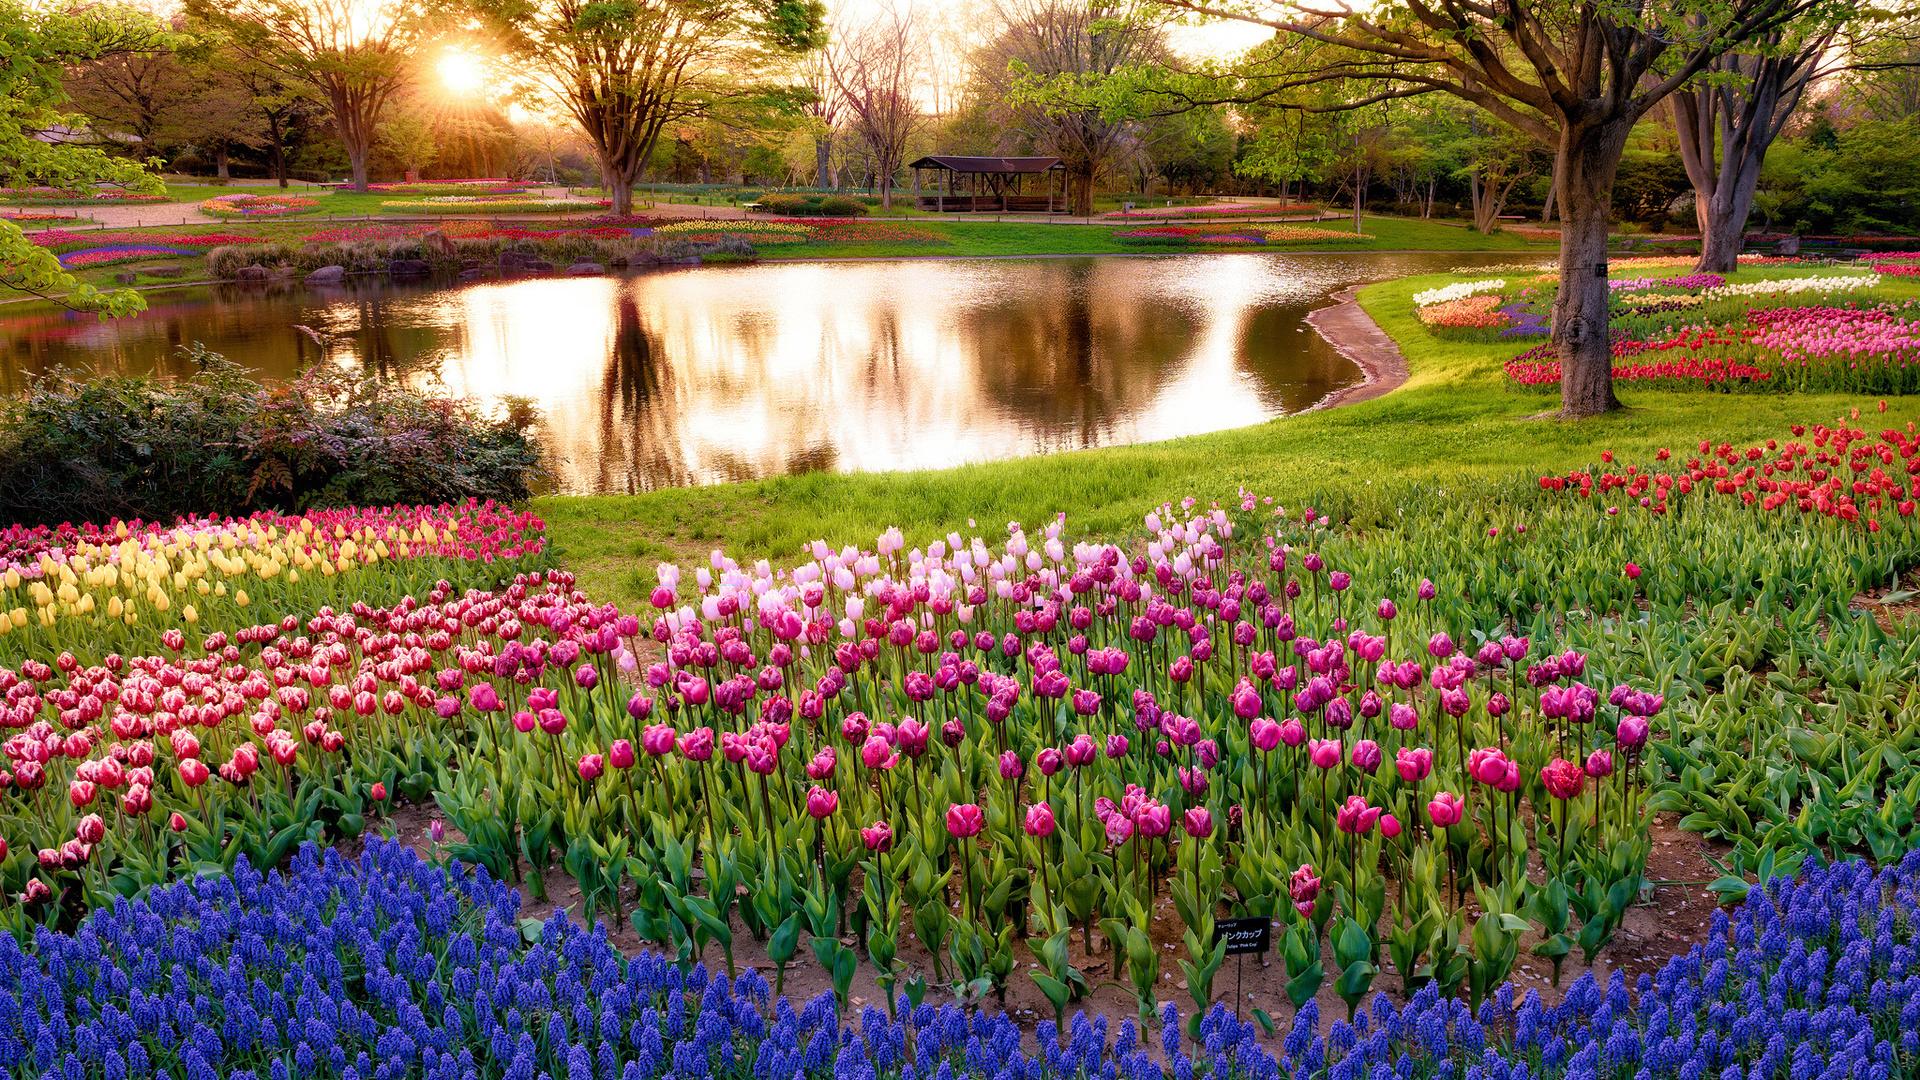 благодарности самые красивые фото весны в мире национальность, женщины тайна